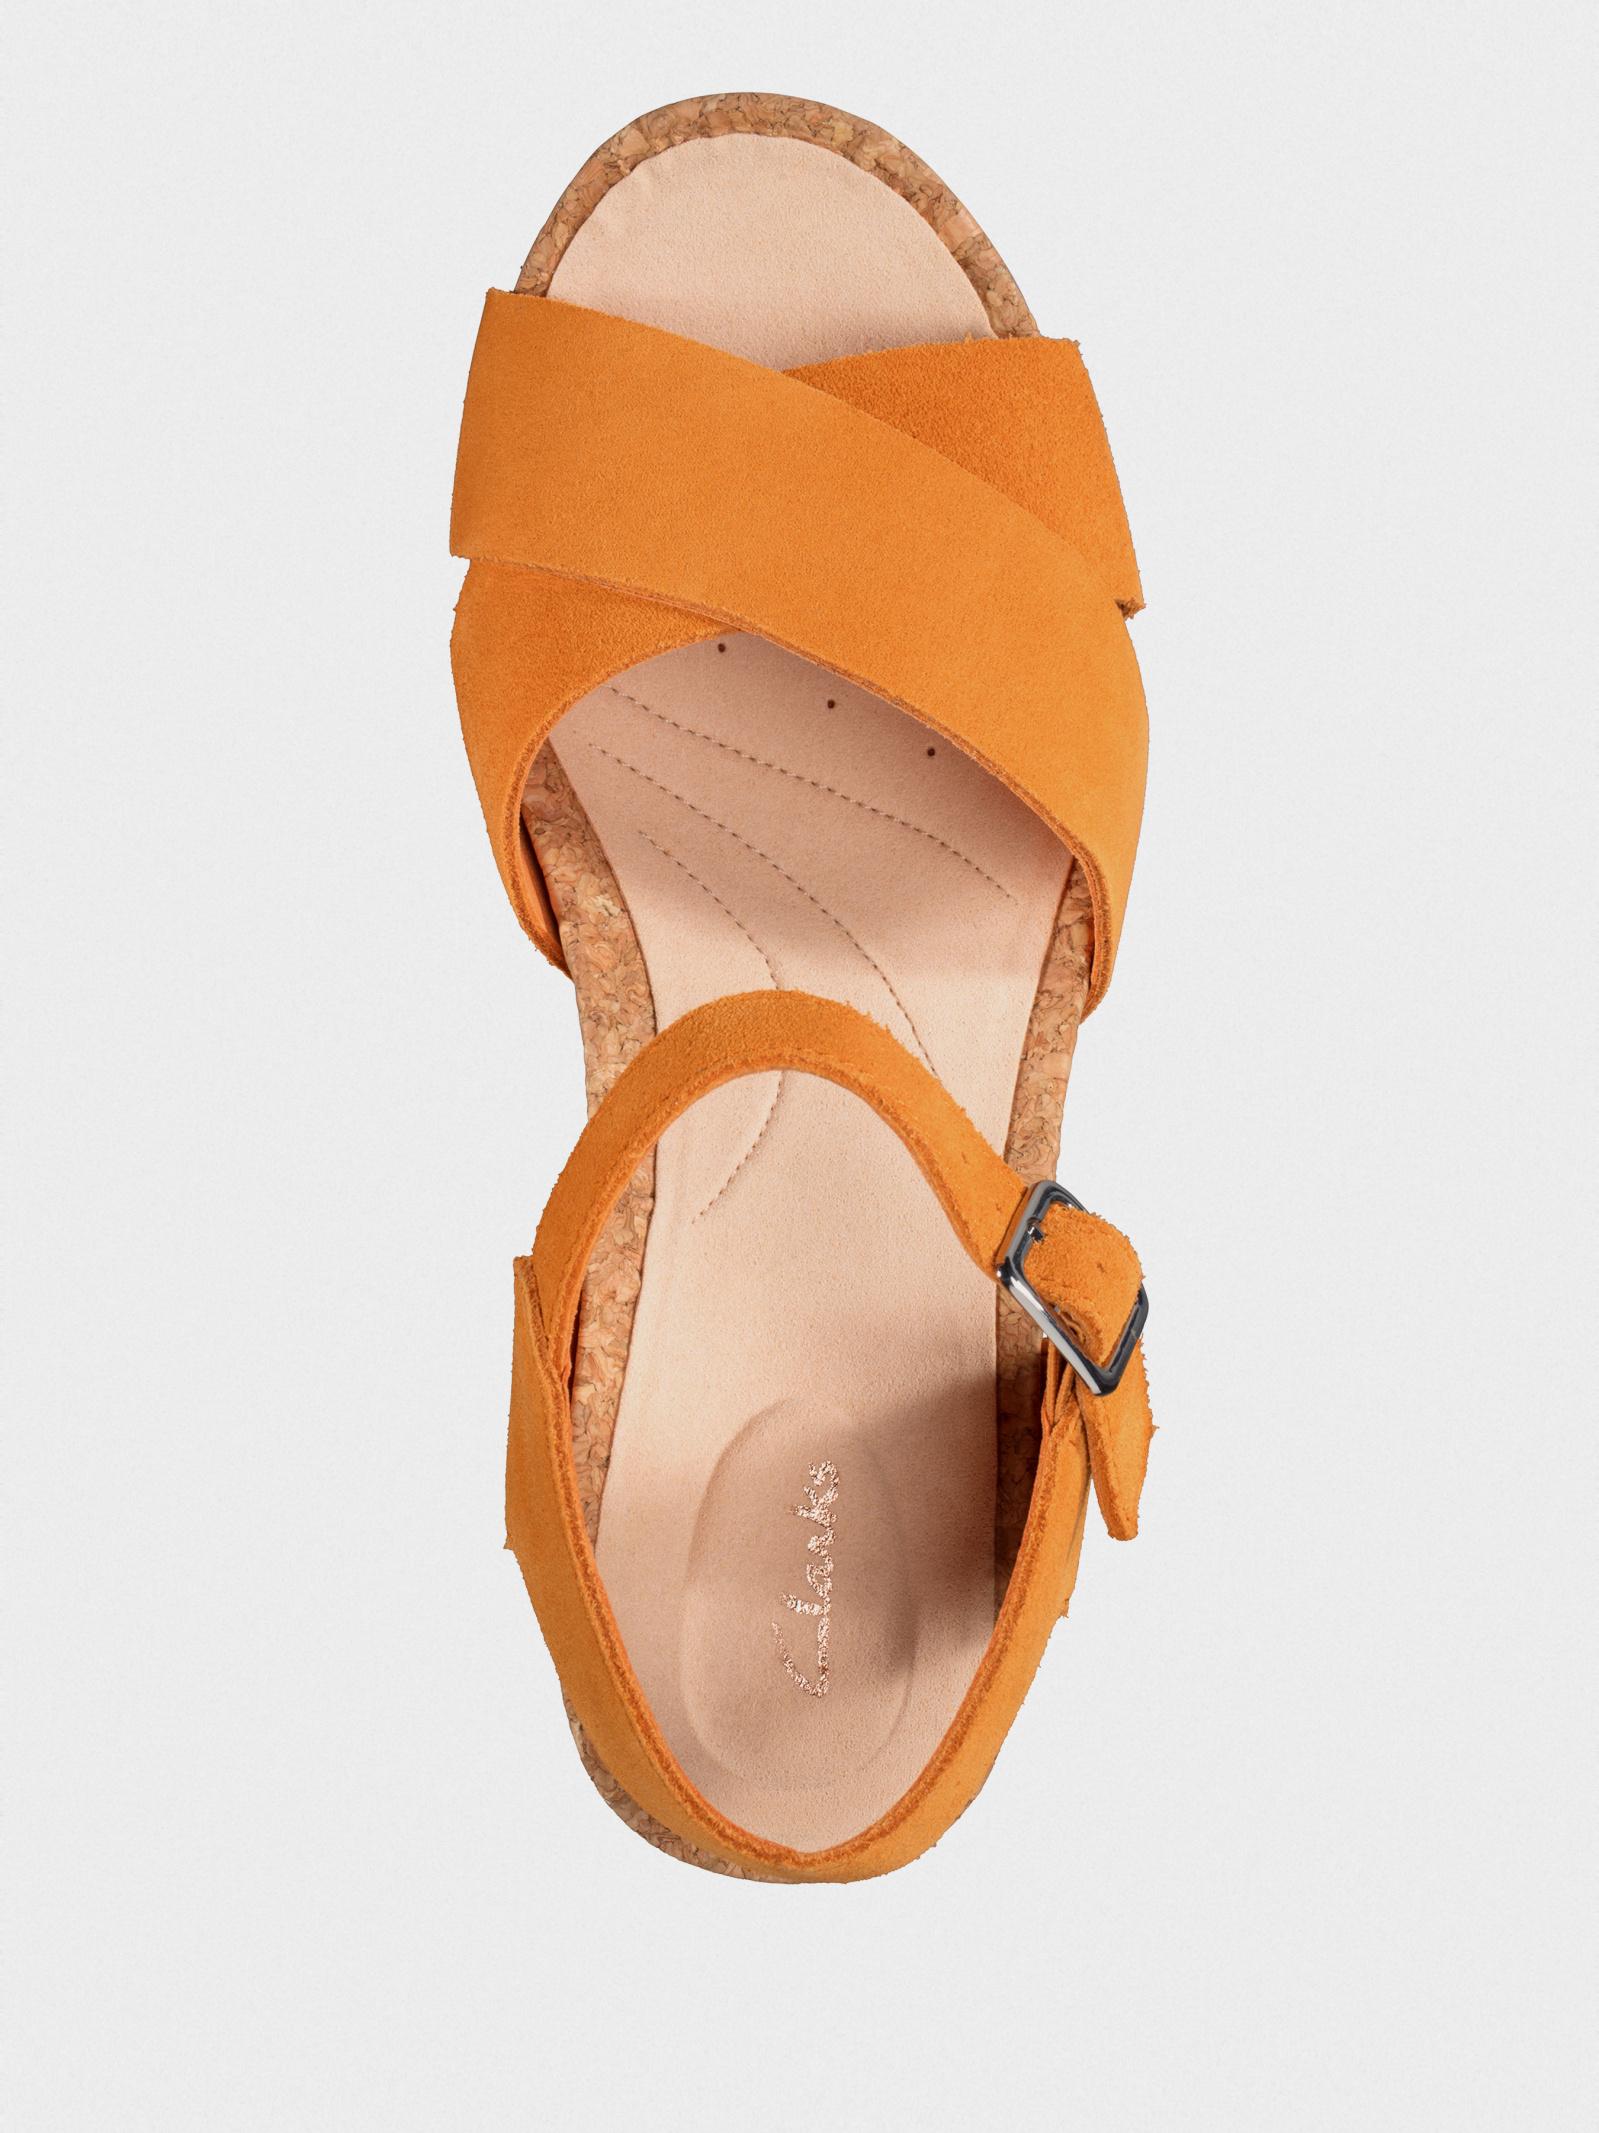 Босоніжки  для жінок Clarks 26150434 брендове взуття, 2017